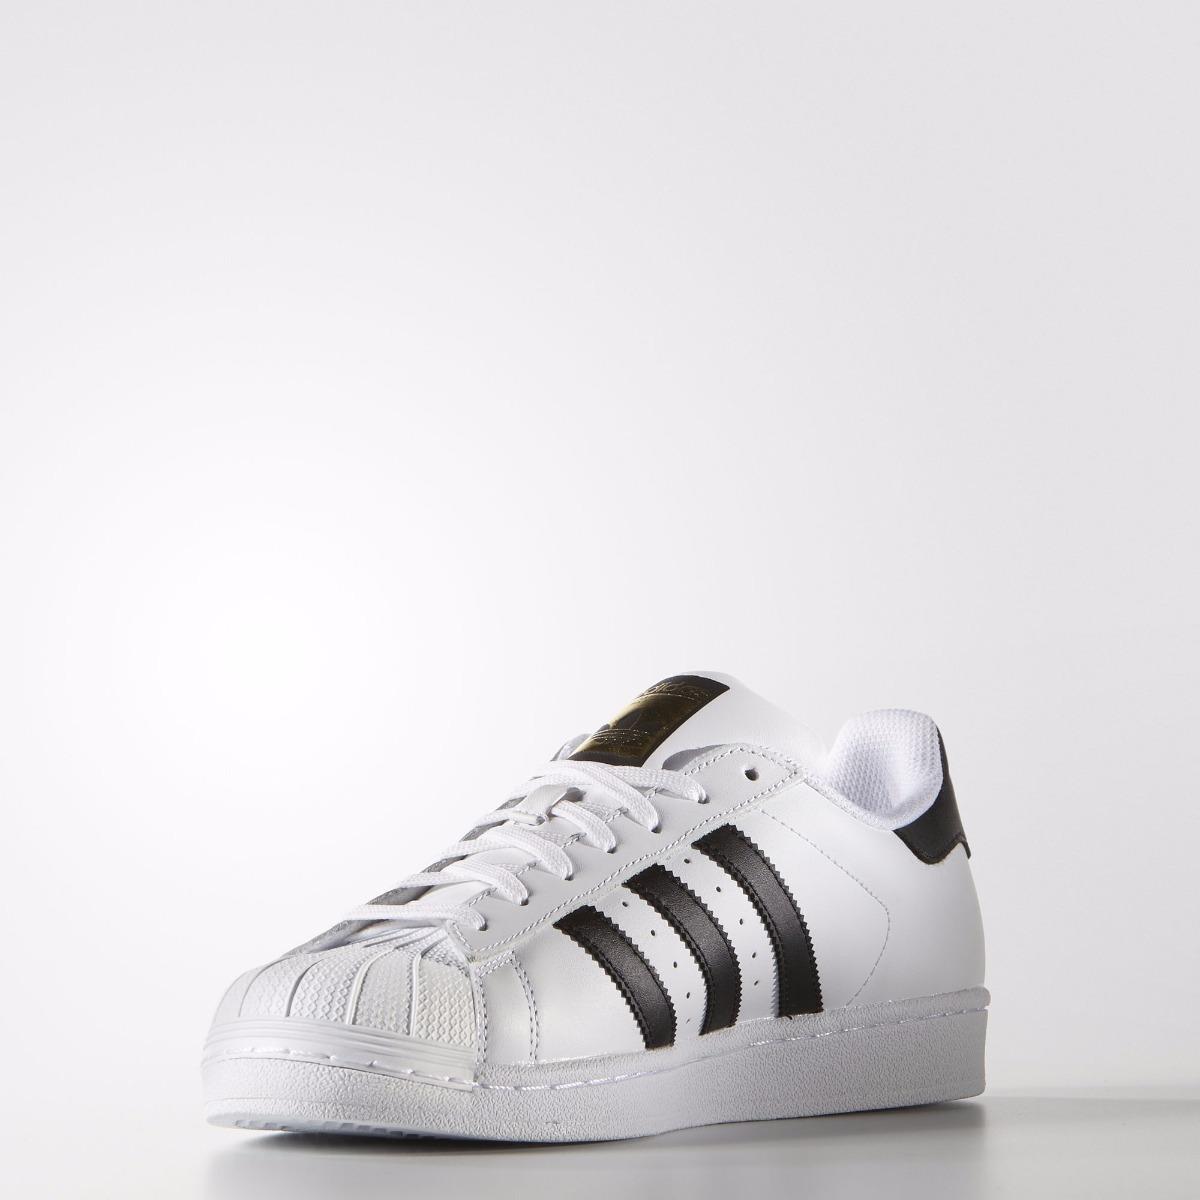 c3196753dd8 ... top quality zapatillas adidas superstar originals blanco para mujer. cargando  zoom. 65b88 9f03d